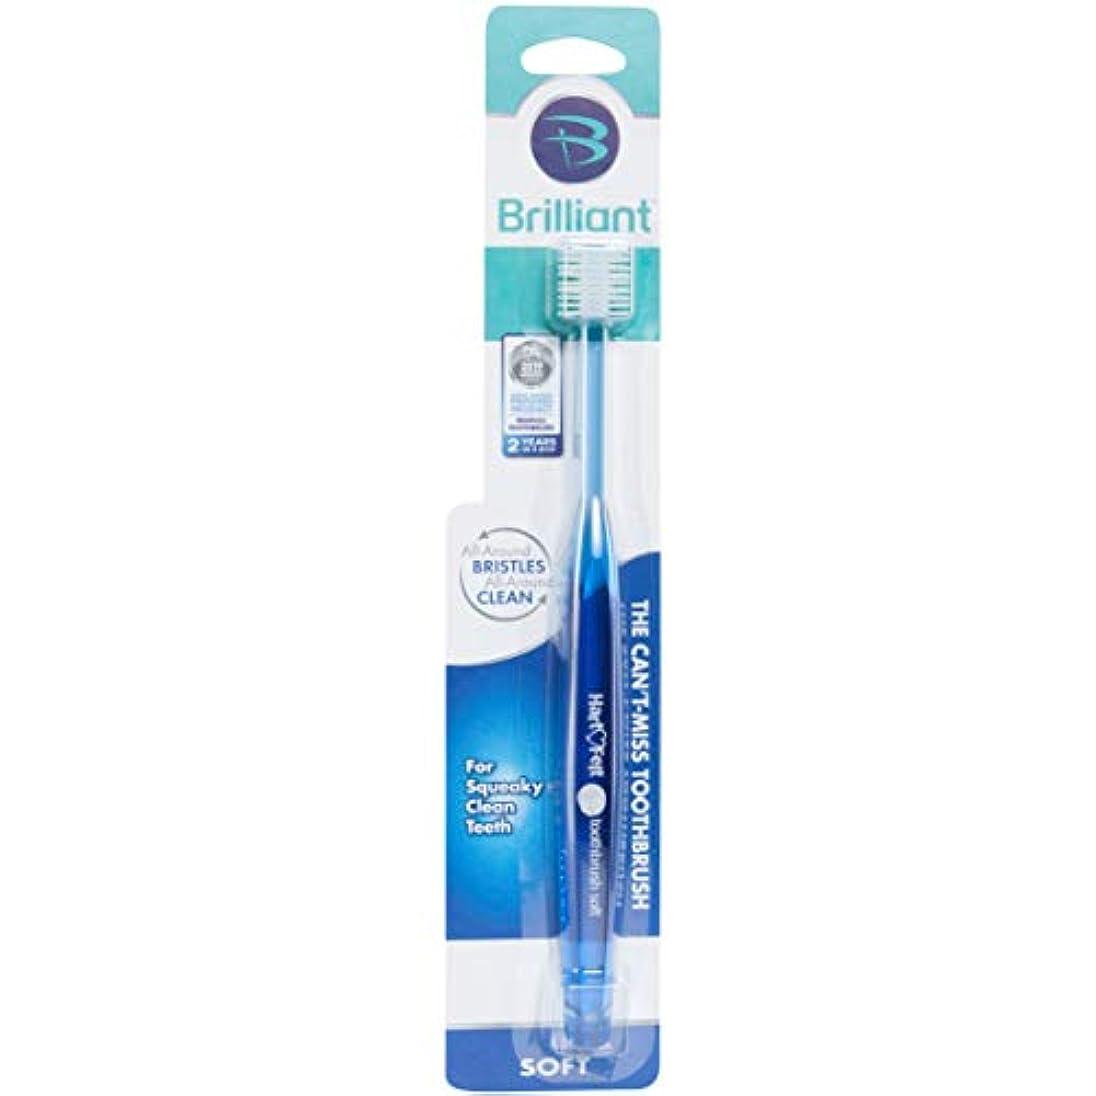 反論四半期故障360度 マイクロファインラウンド歯ブラシ 柔らかい大人用歯ブラシ 丸みを帯びた先端の毛で簡単で効果的なクリーニングを!(カラー ブルー) (1ブラシ)